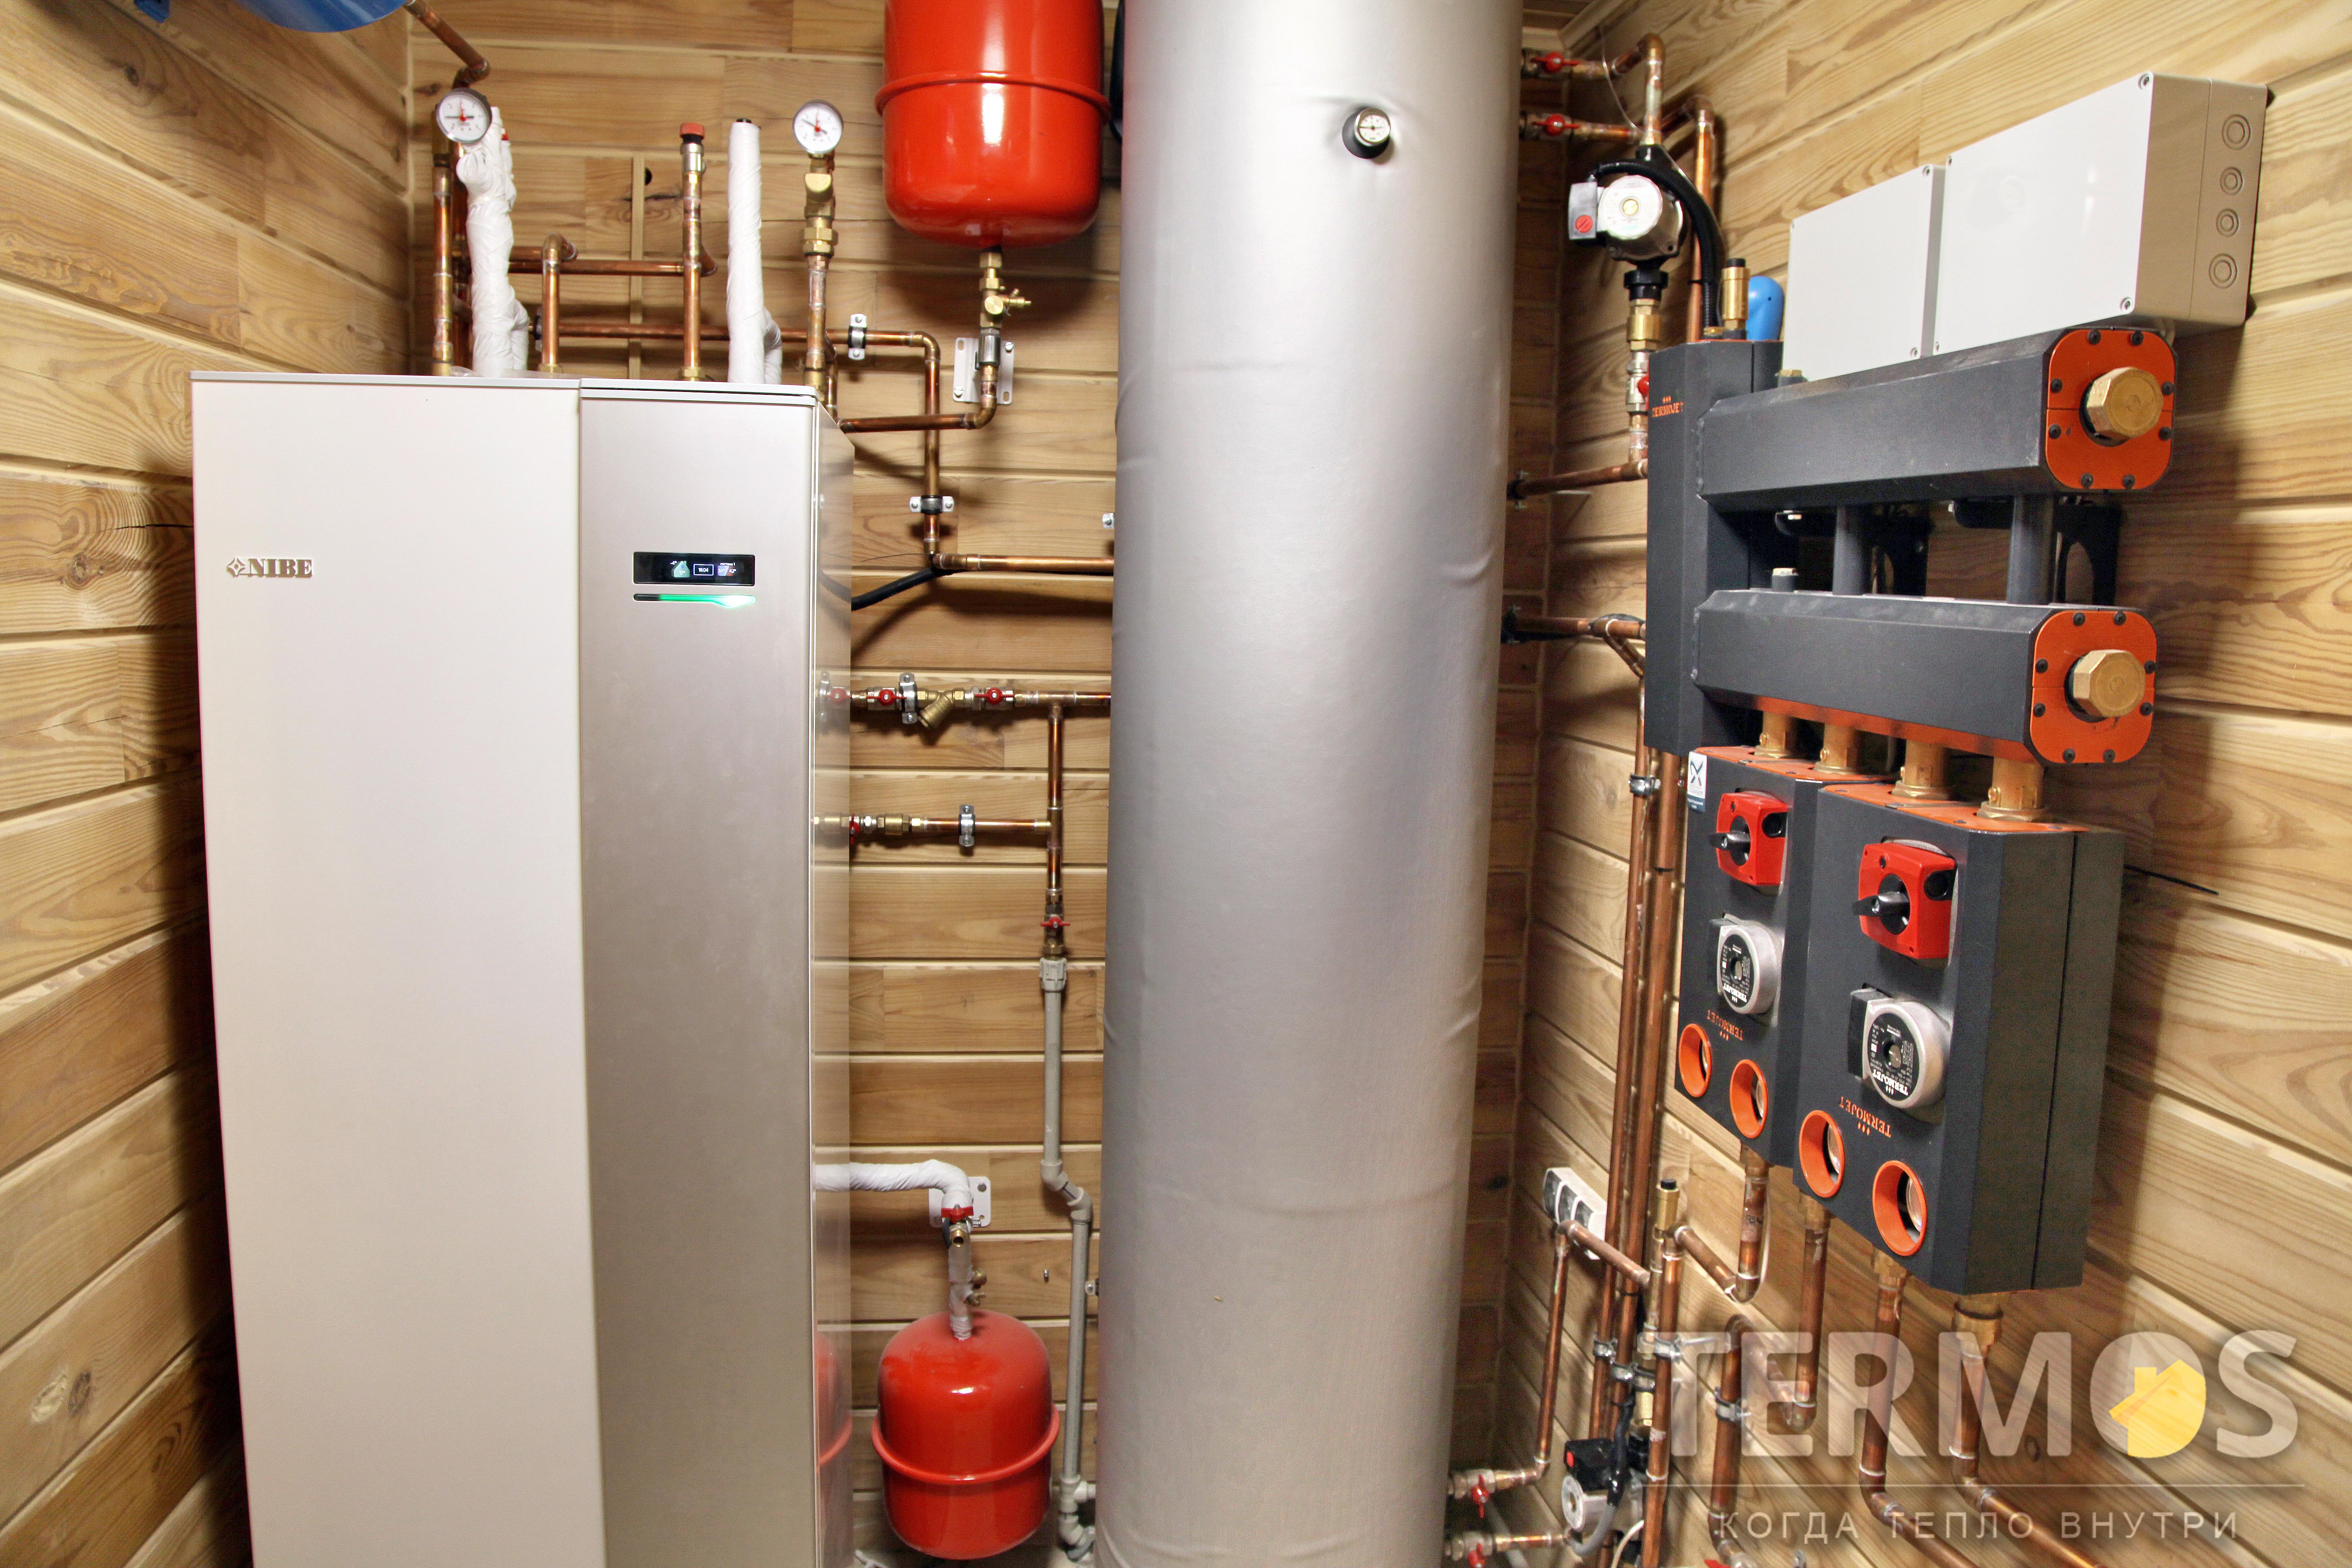 Функции: отопление радиаторами и теплыми полами, использование тепла от камина с водяной рубашкой, приготовление горячей воды в 180 л встроенном бойлере, управление системой через интернет